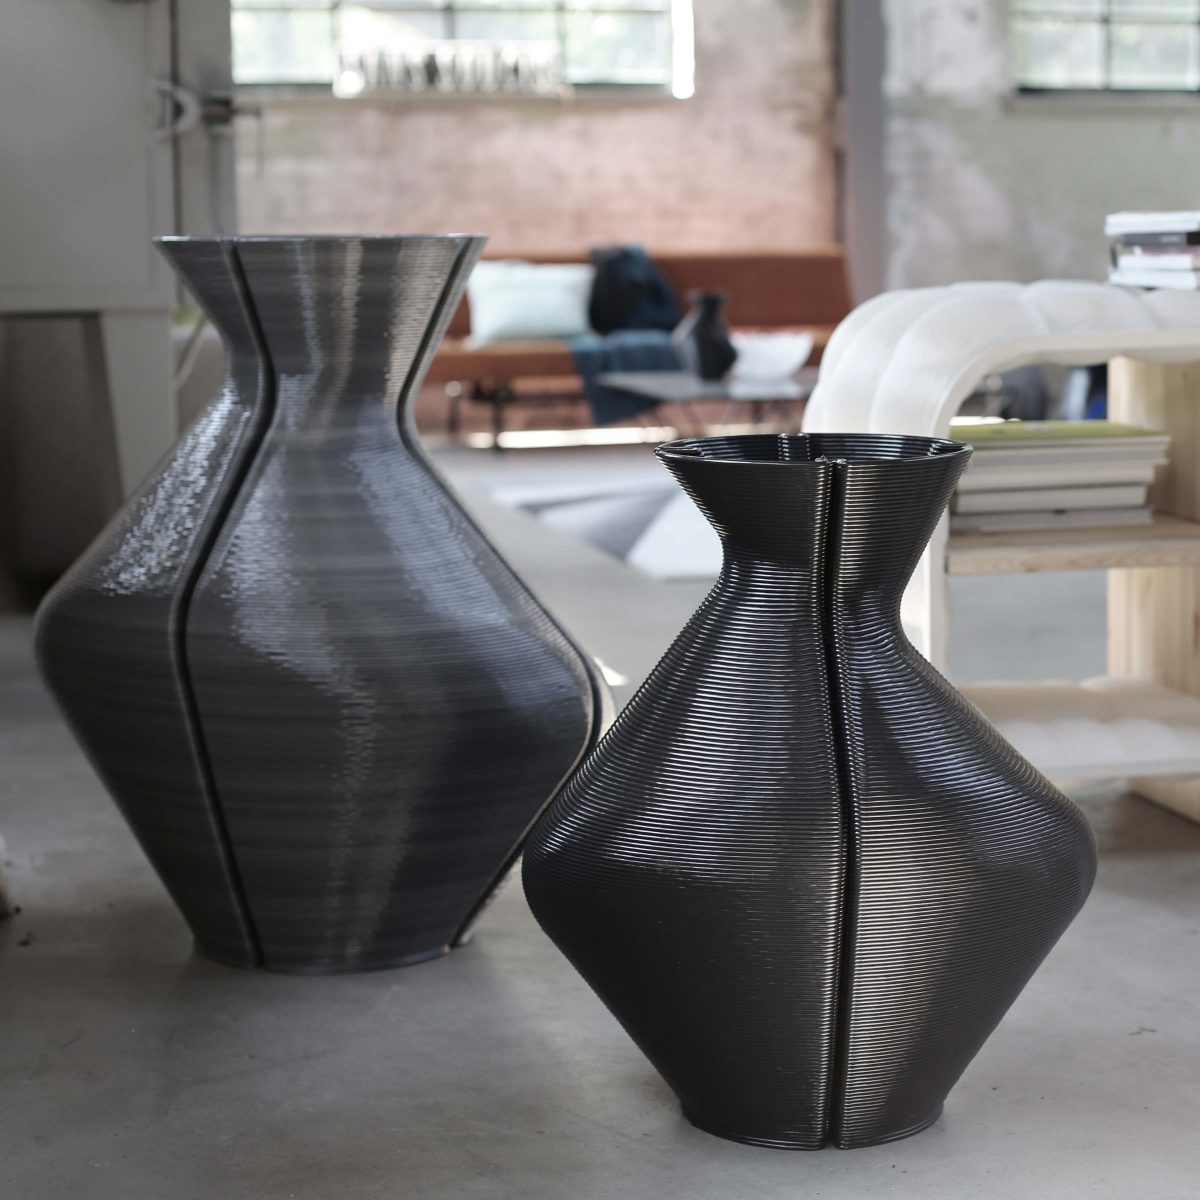 Changing Vases, Black and Ash Grey. Photo Studio Dirk Vander Kooij